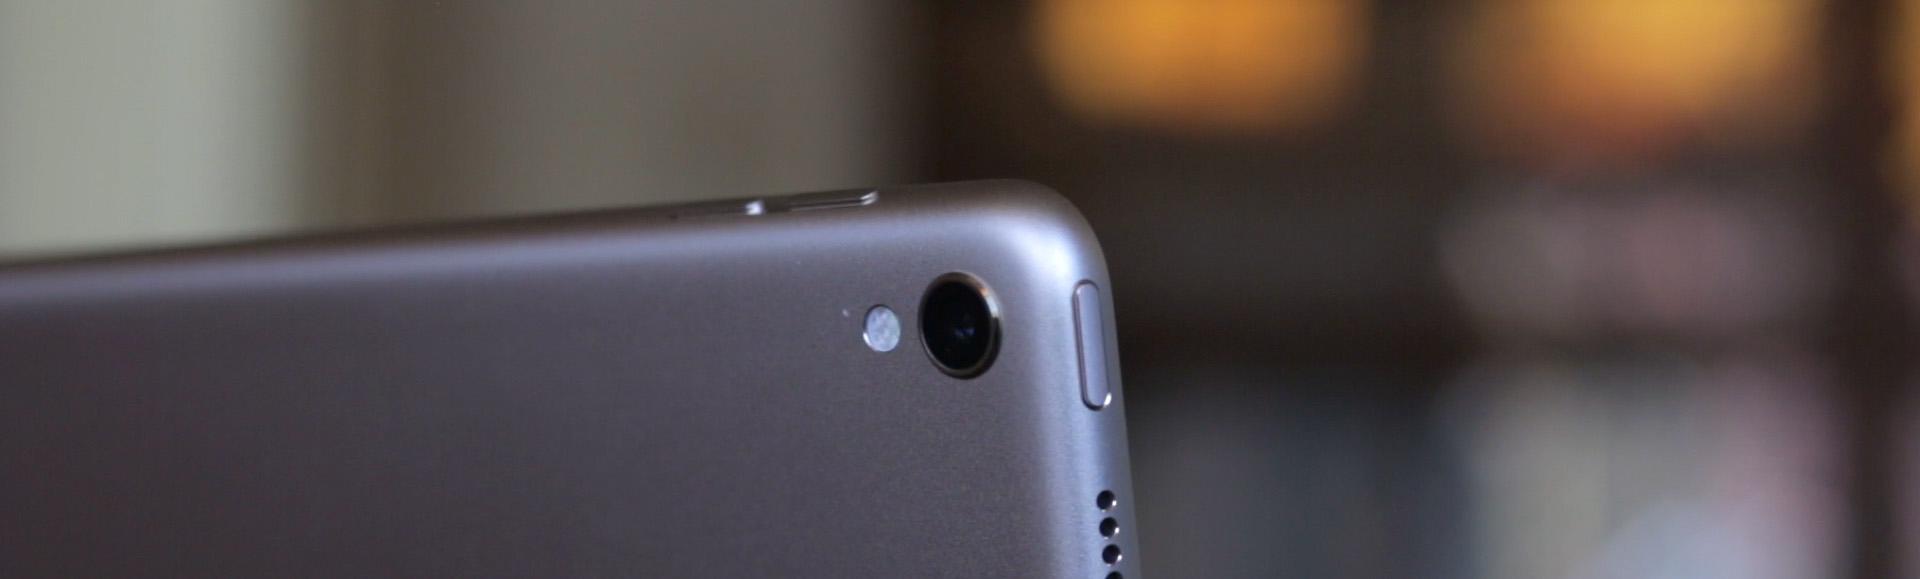 iPAd Pro 2017 Camera